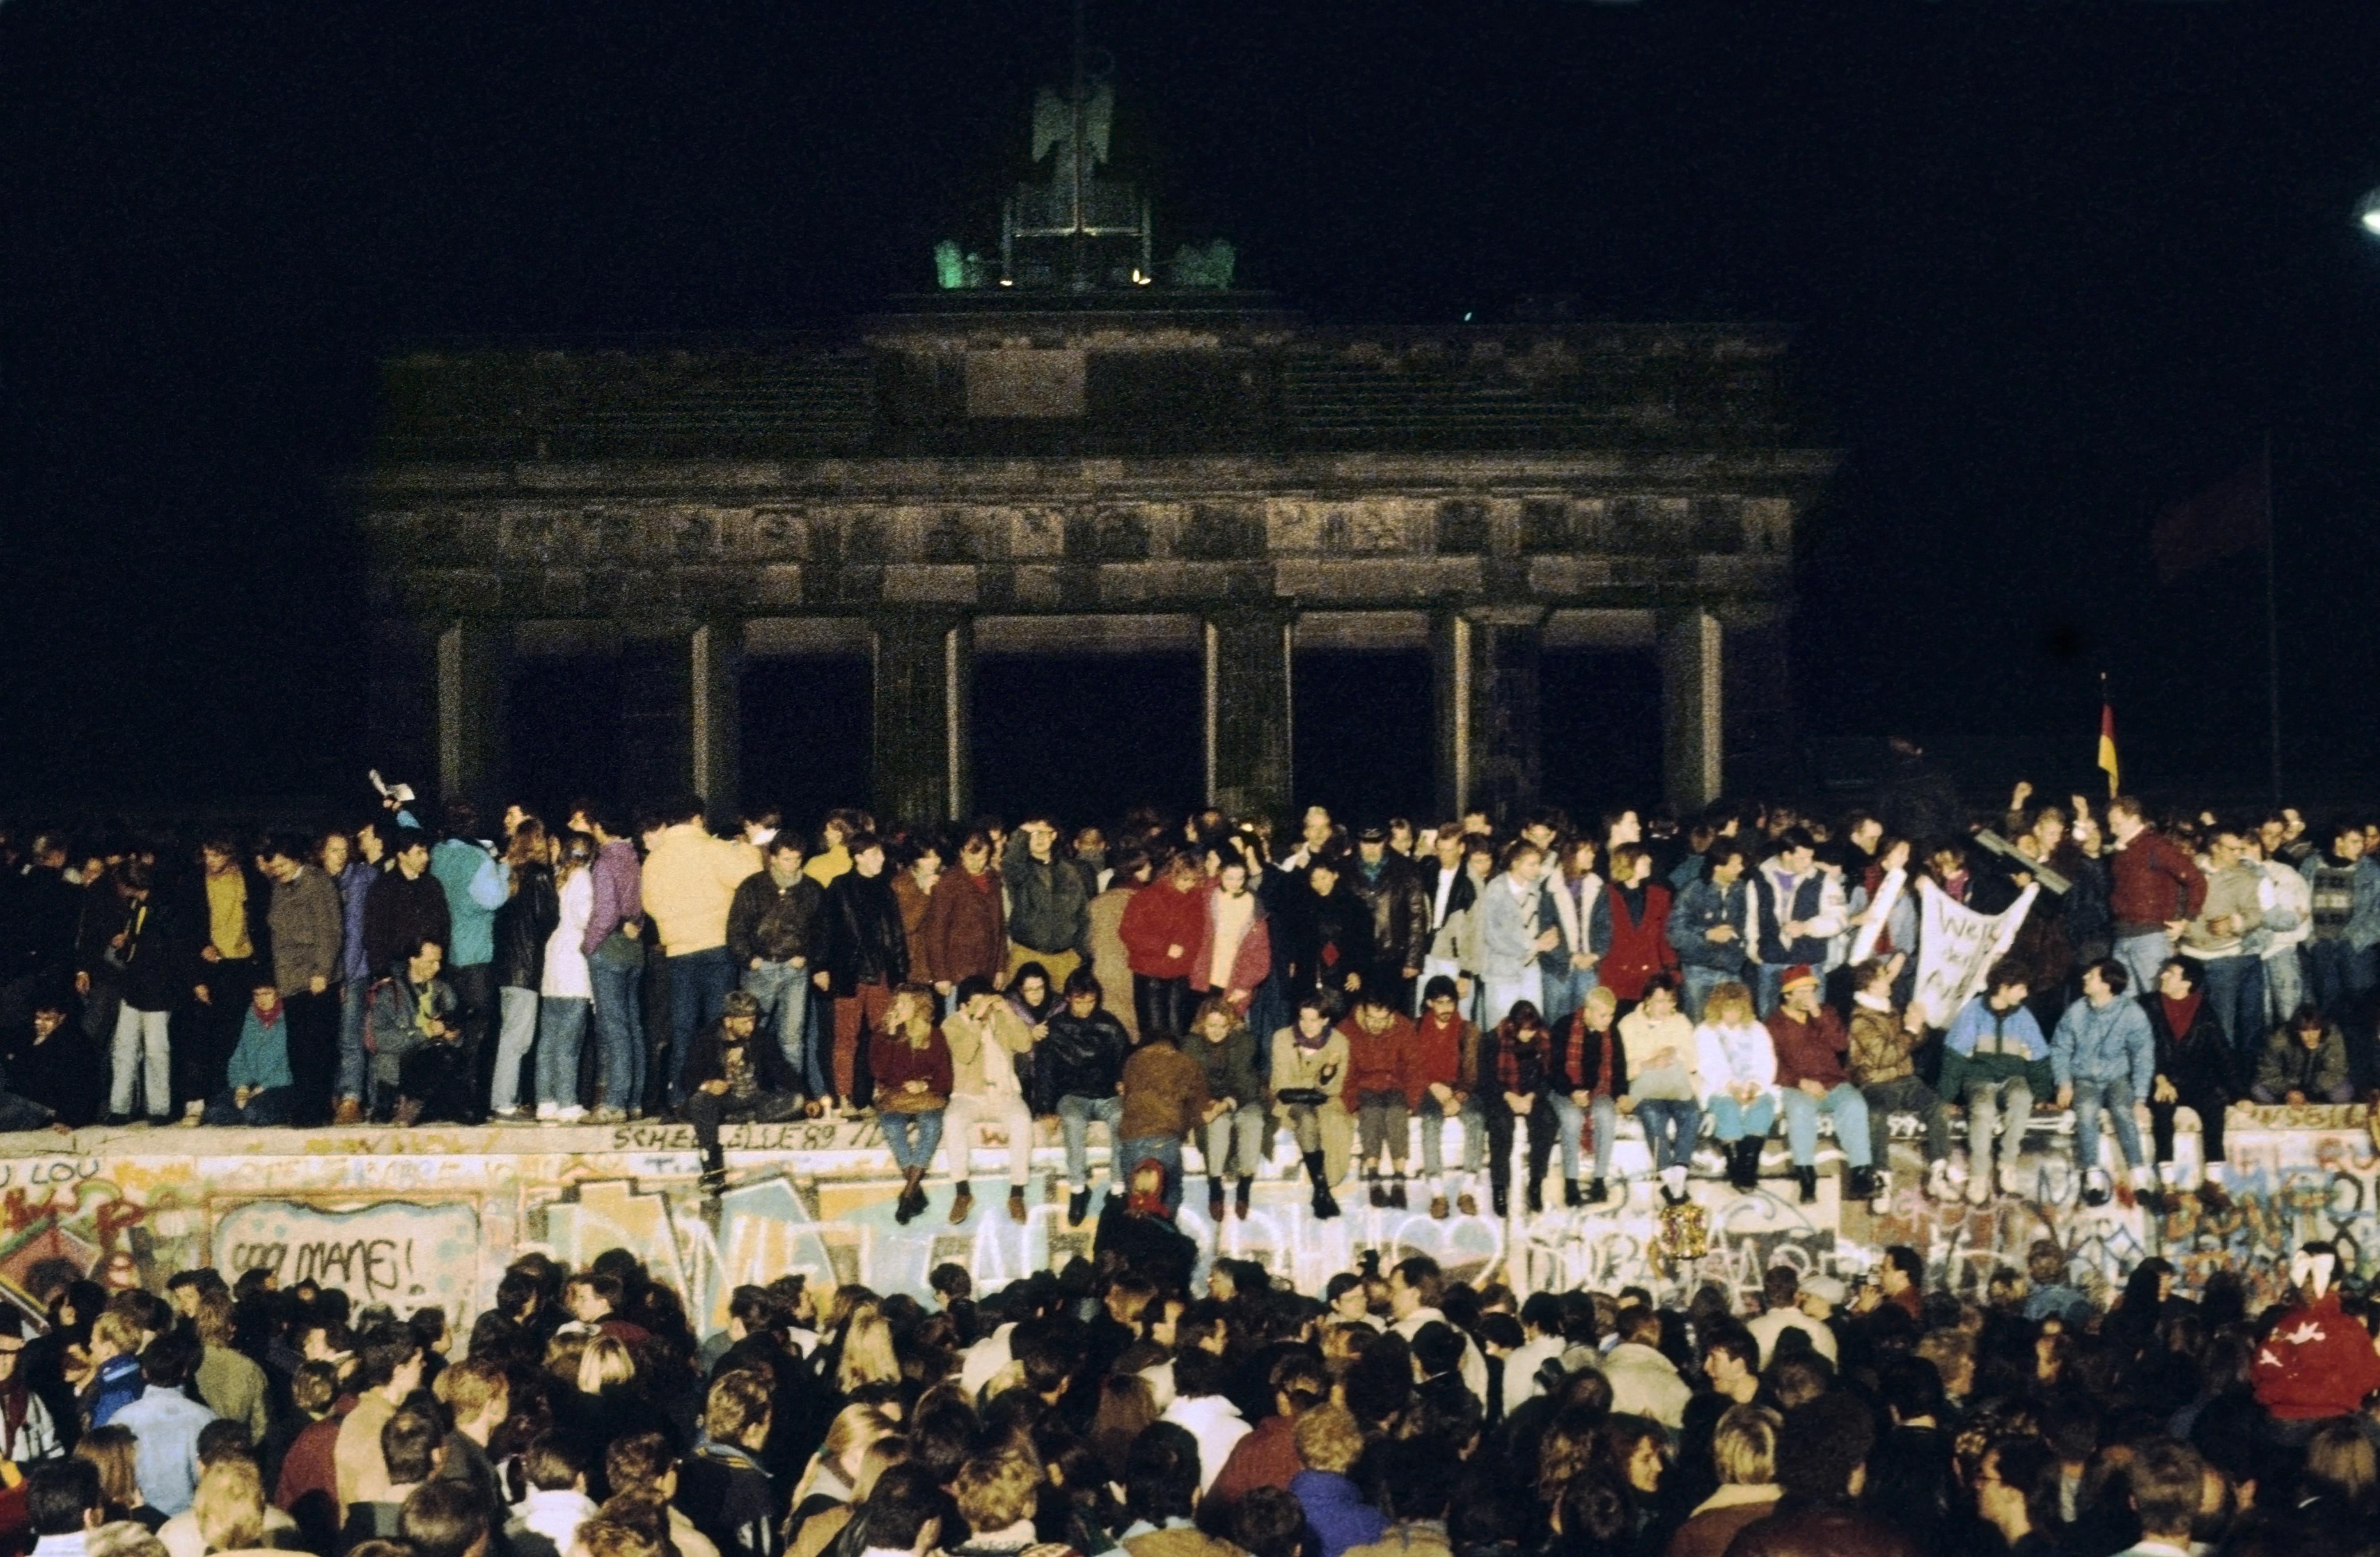 Miles de jóvenes se trepan al muro en la noche del 9 de noviembre de 1989. Los guardias no están a la vista. La pared todavía está de pie, pero el muro ha caído.